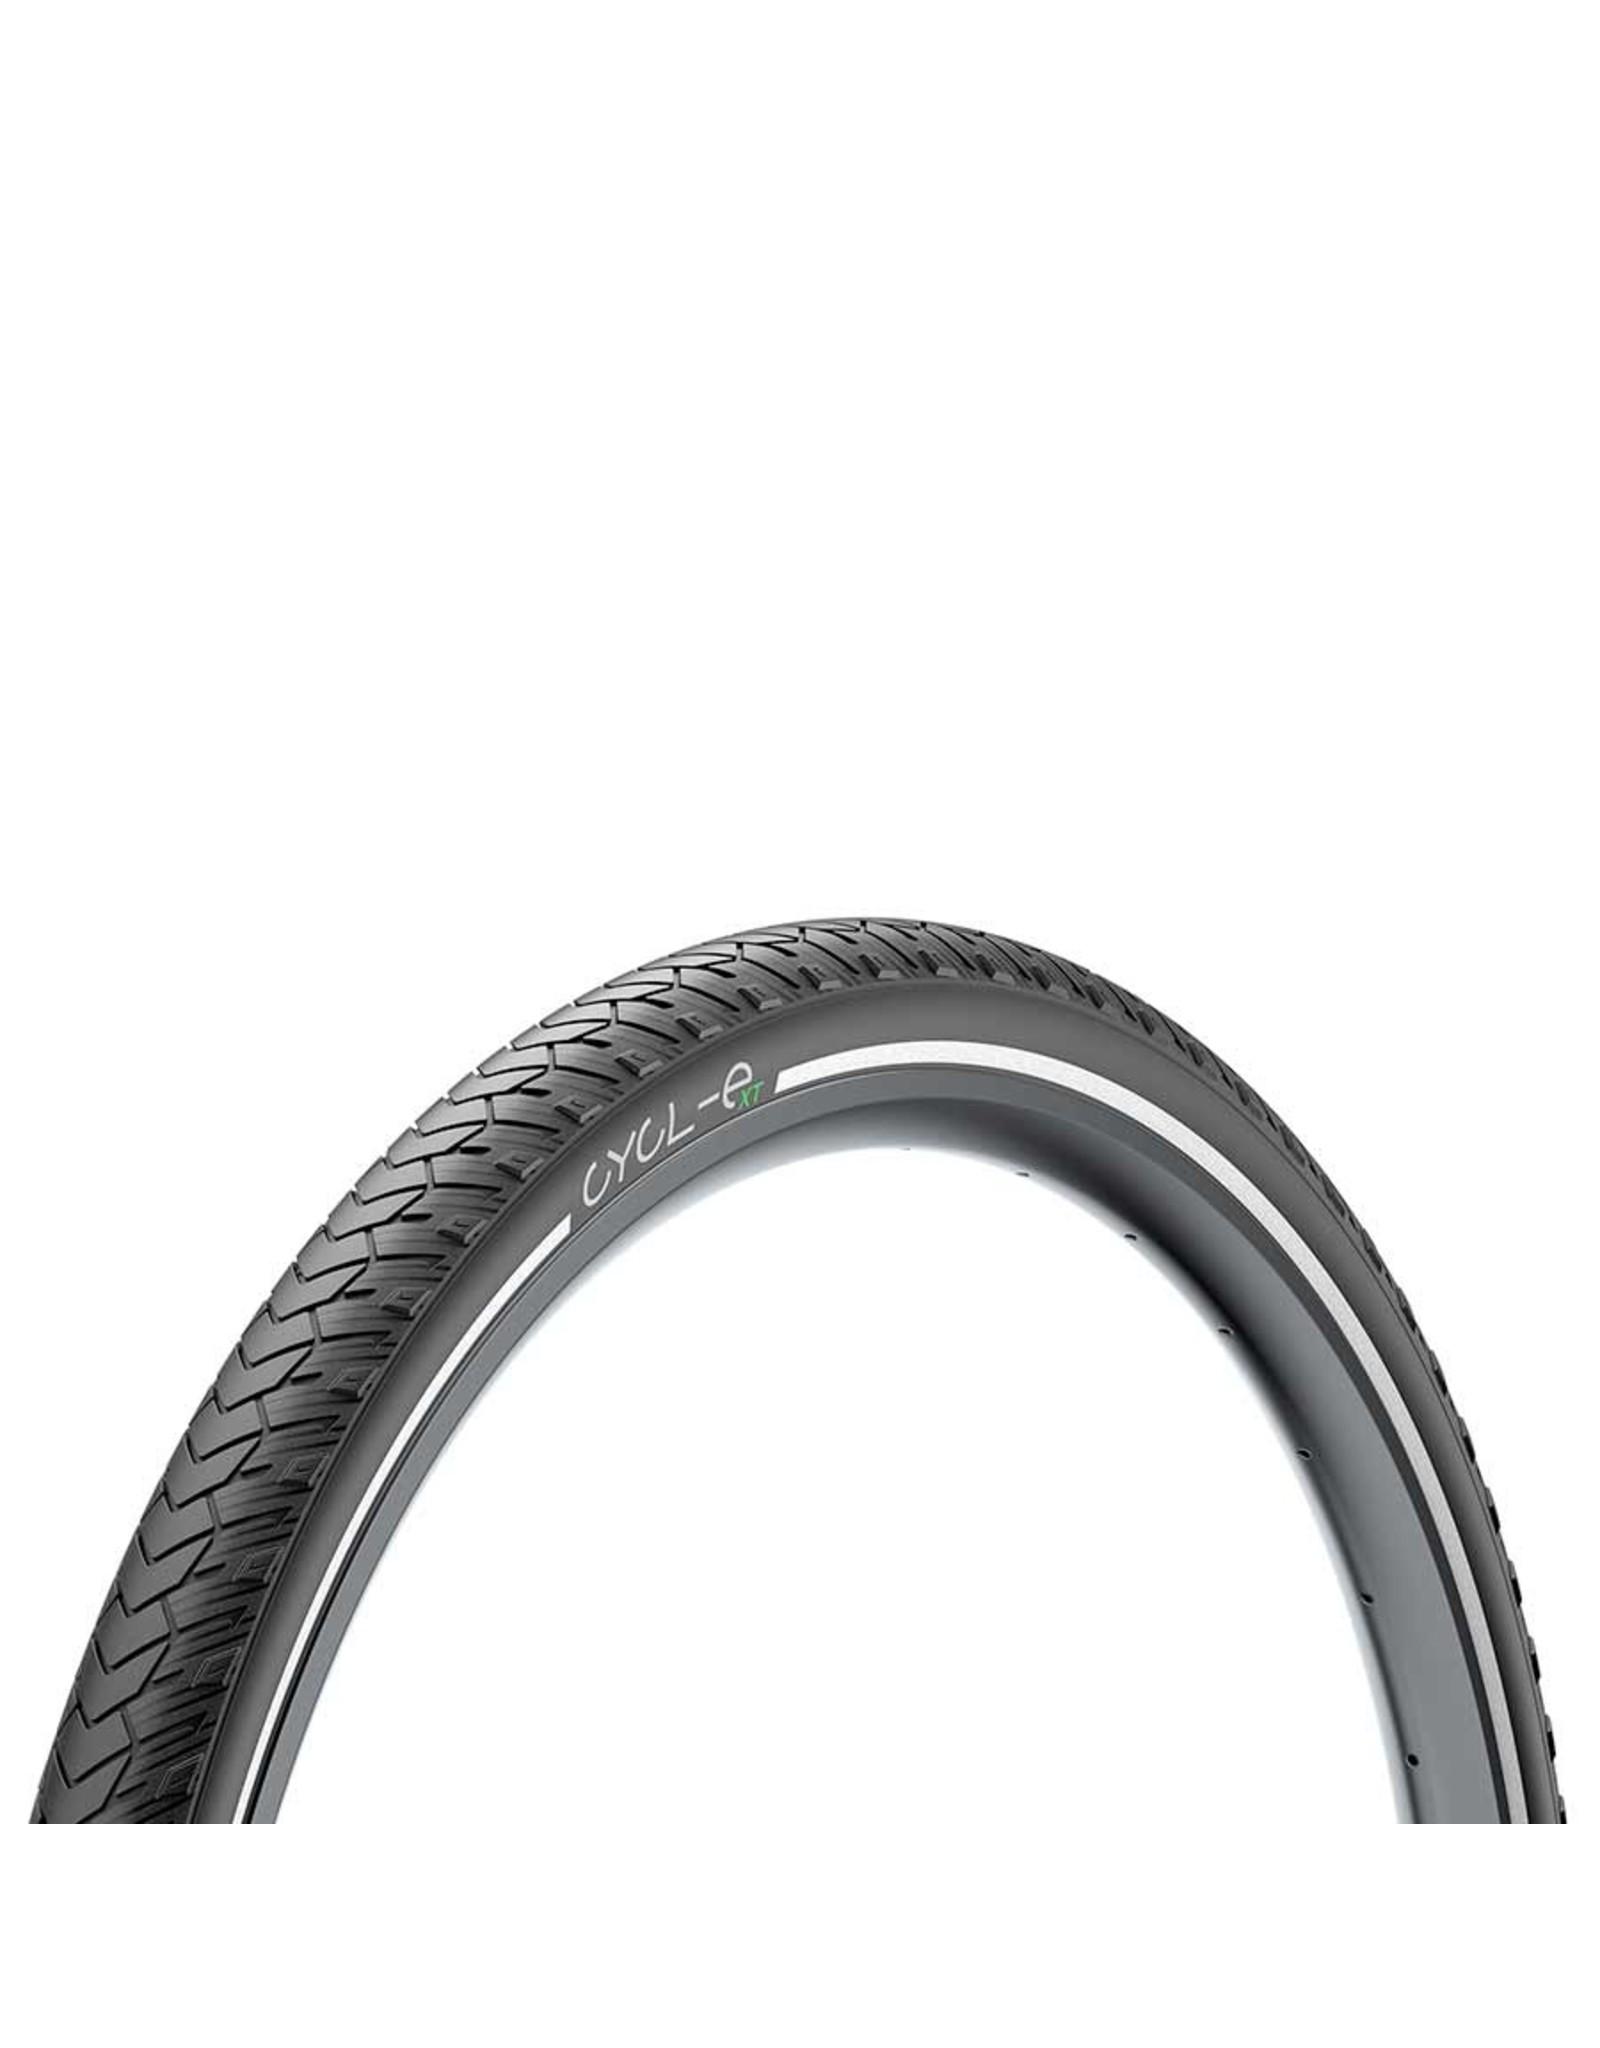 Pirelli Pirelli, Cycl-e XT, Tire, 700x35C, Wire, Clincher, Black